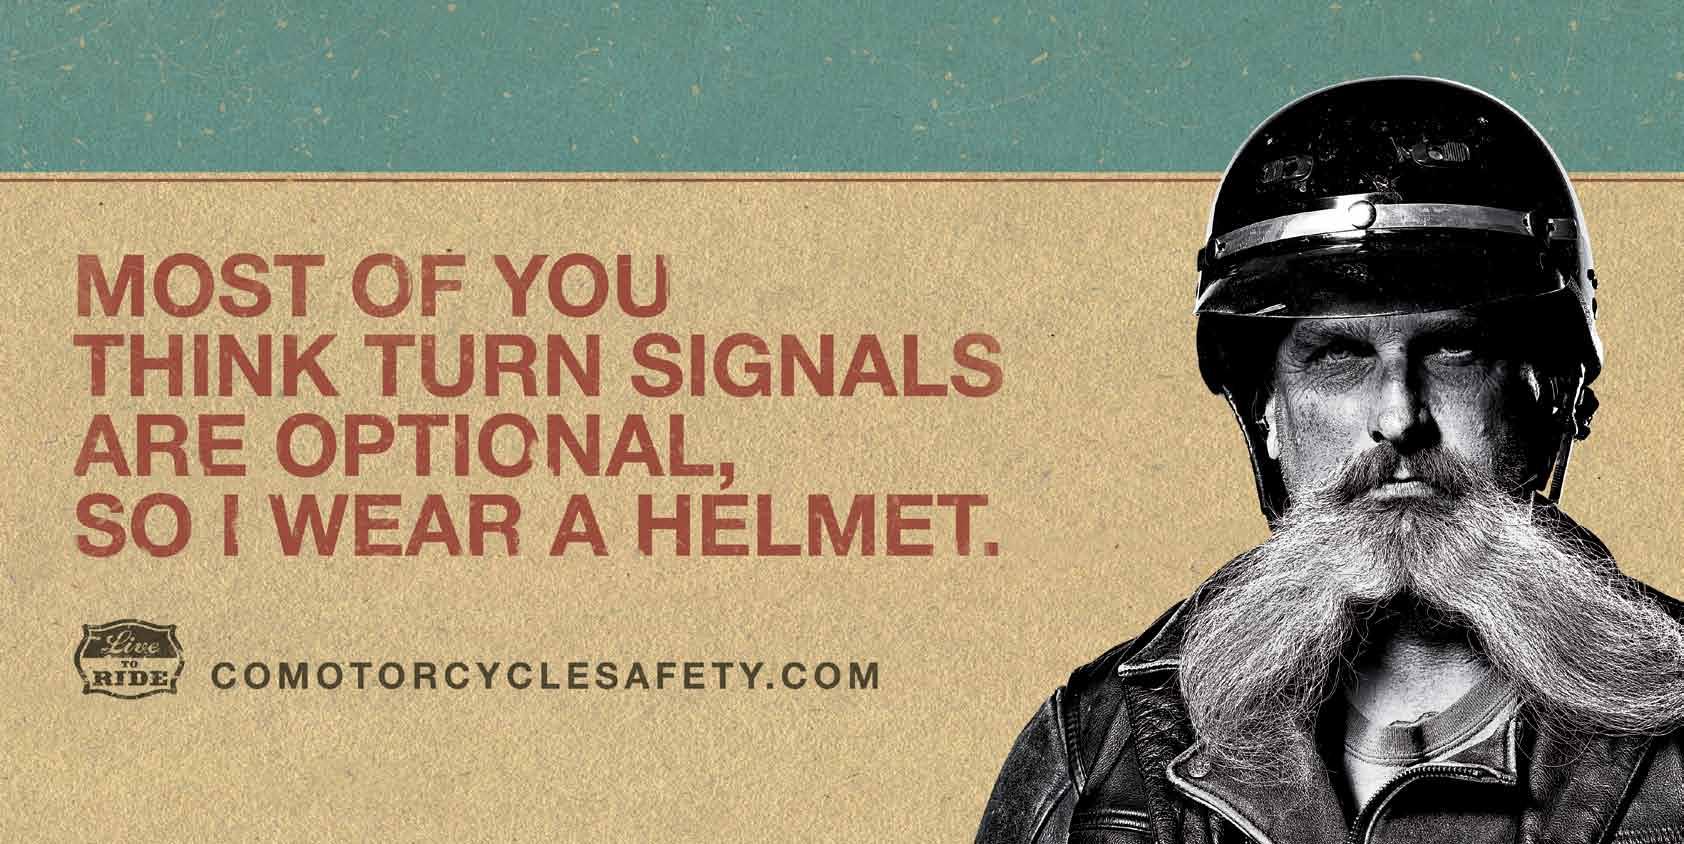 Helmetbanner.jpg detail image